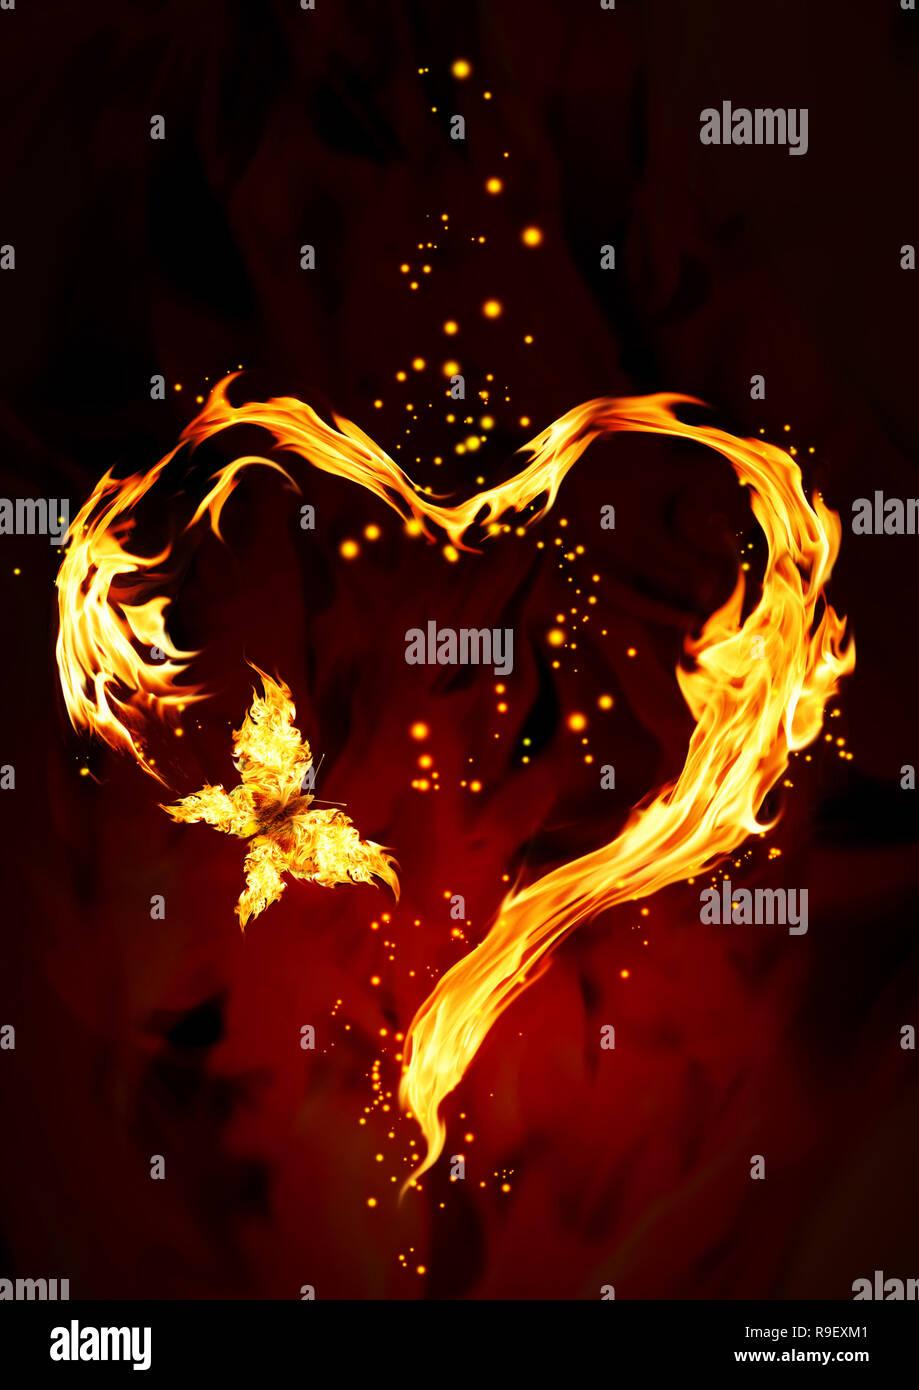 Flamme lumineuse sous forme de coeur Banque D'Images